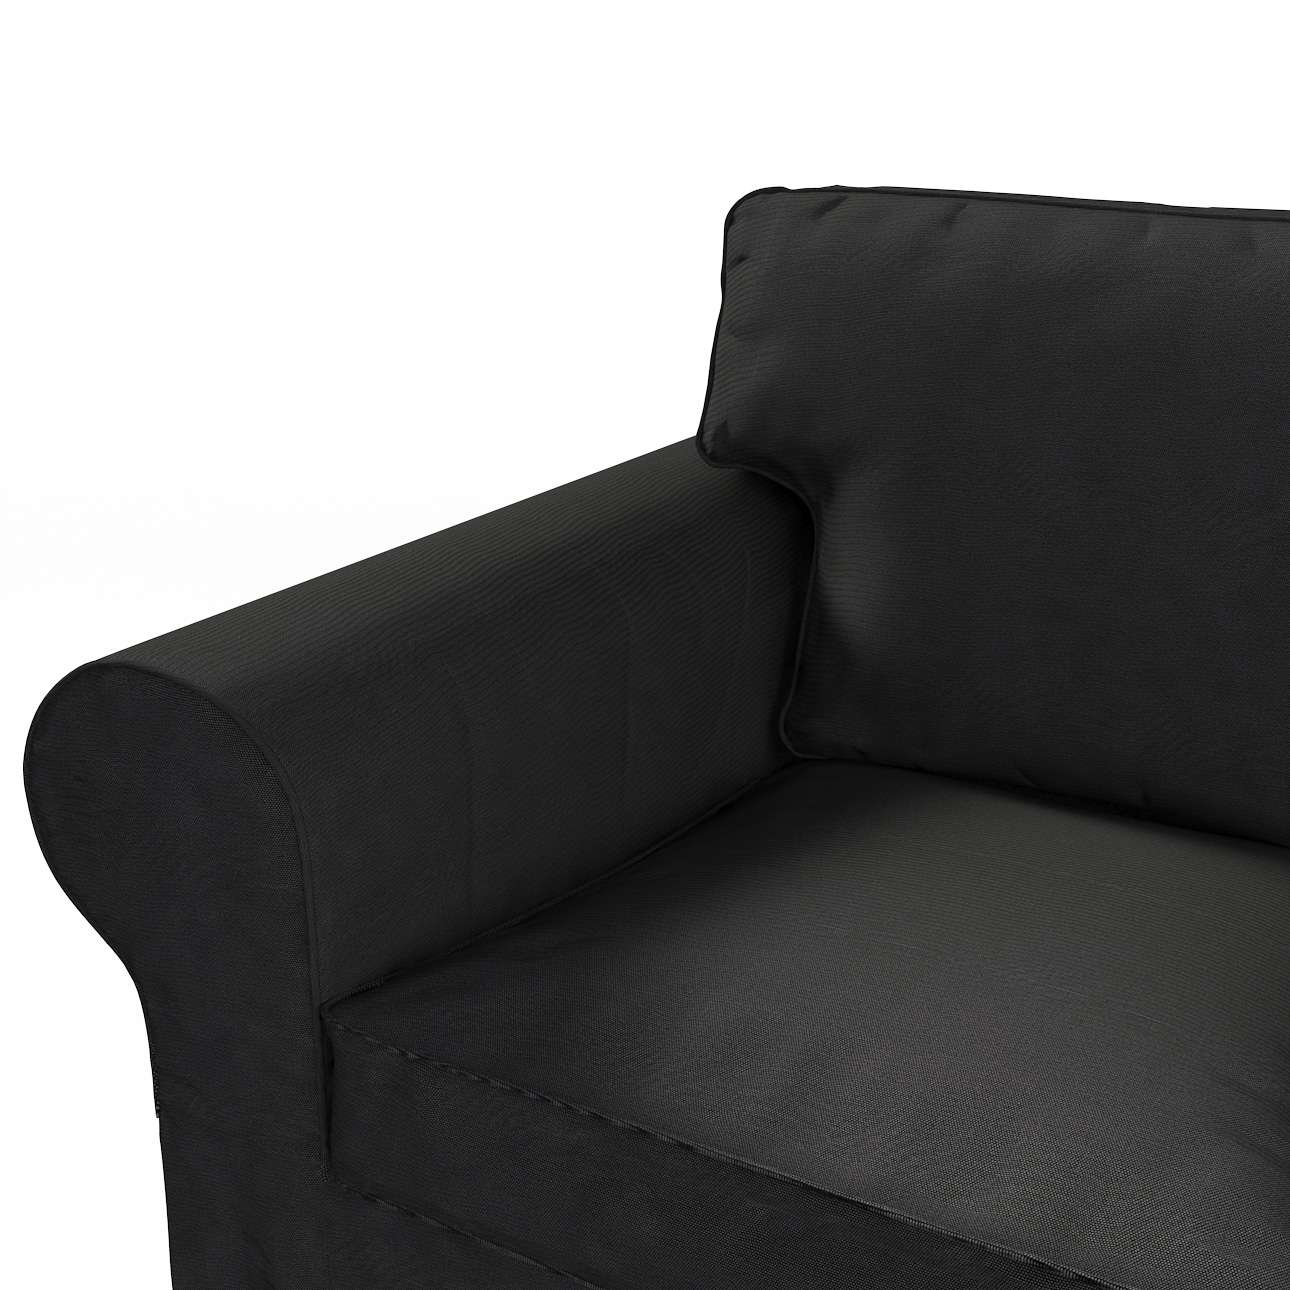 Pokrowiec na sofę Ektorp 3-osobową, rozkładaną, PIXBO w kolekcji Etna, tkanina: 705-00